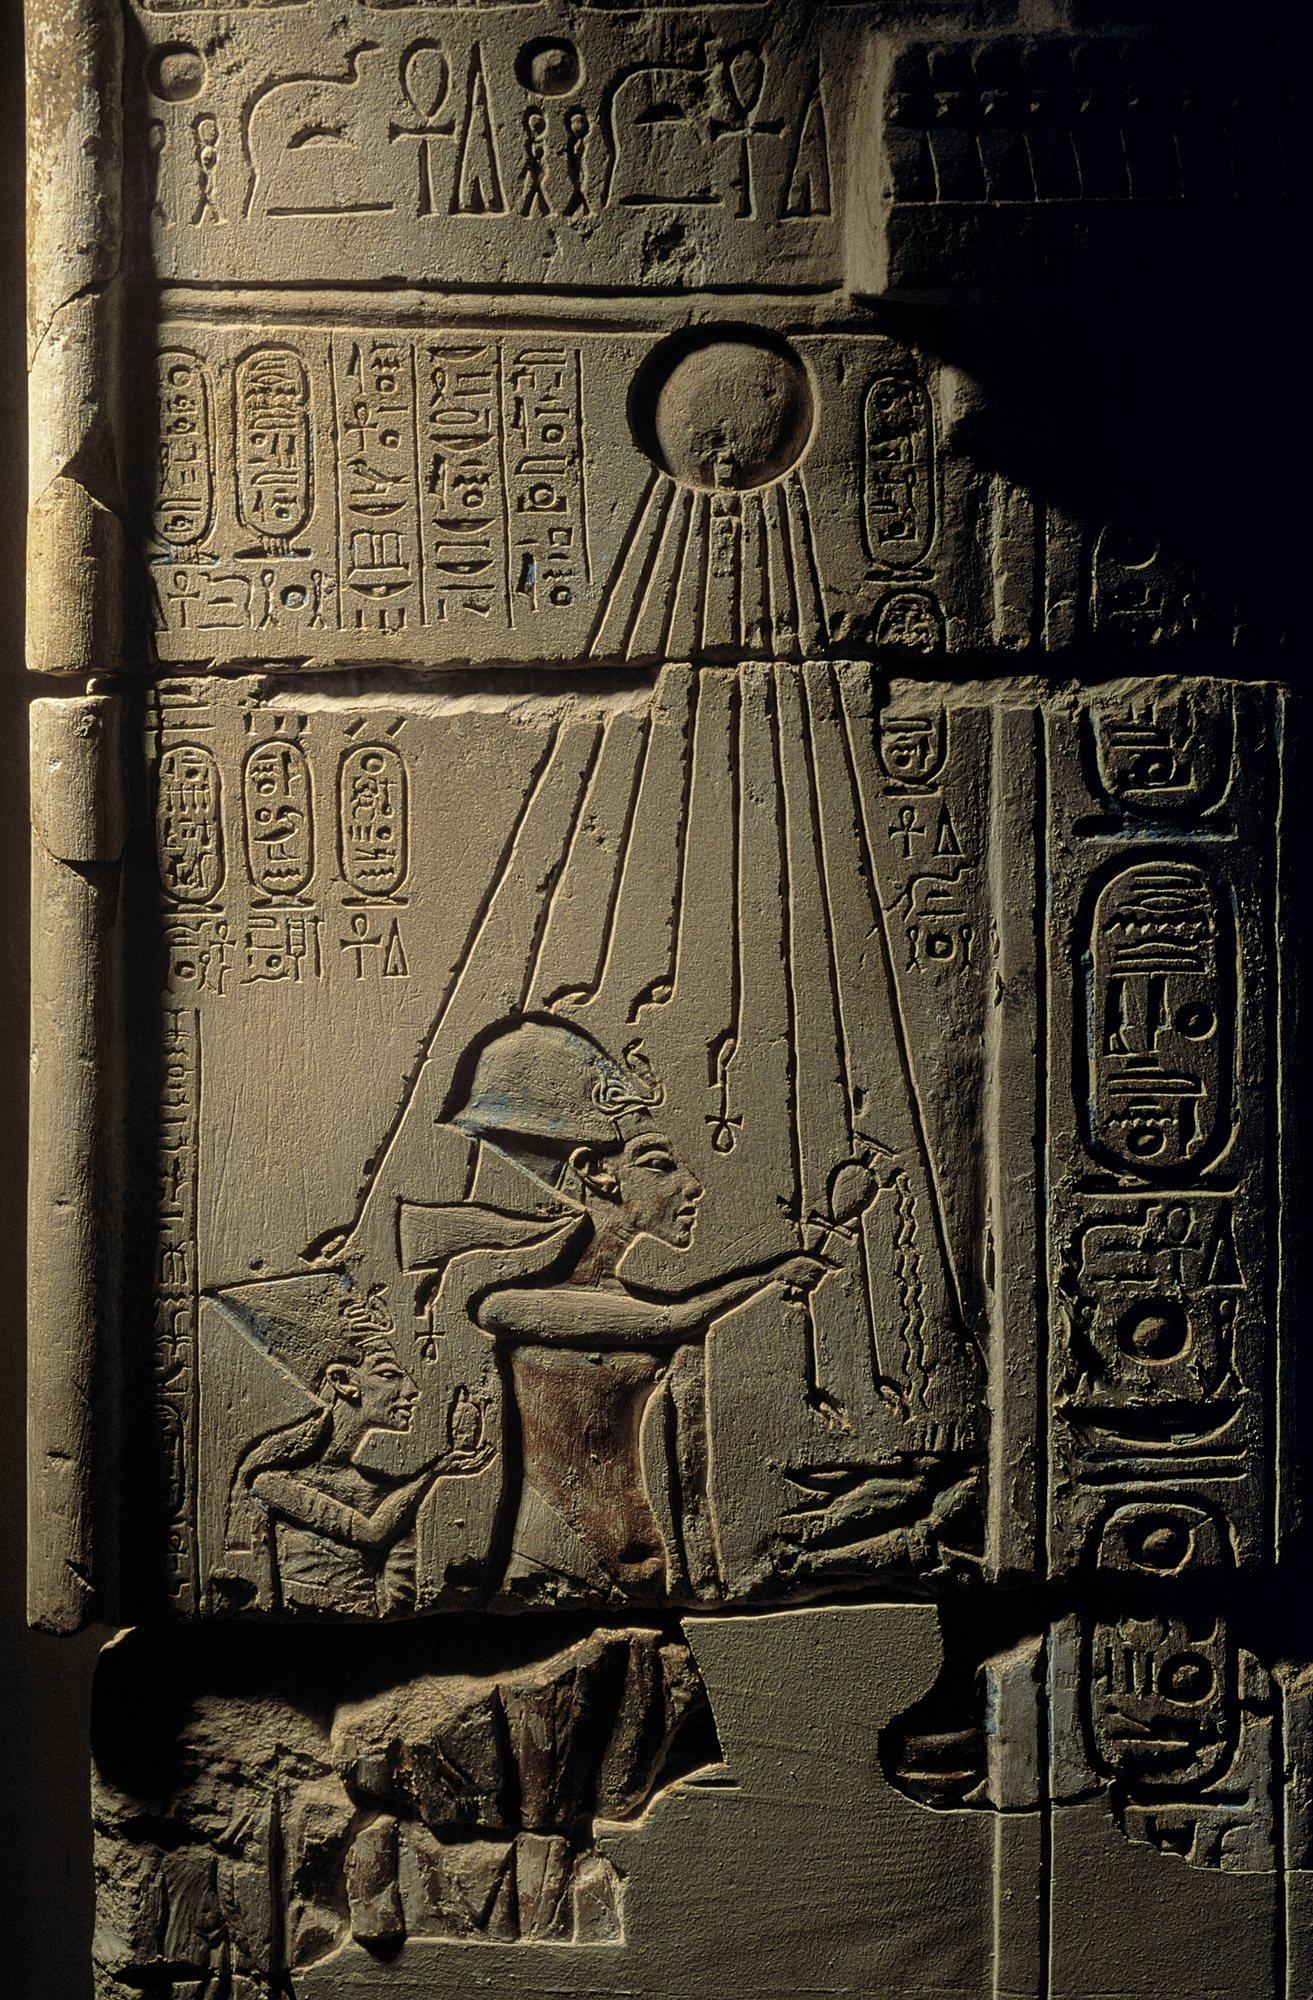 58f3dd562 KLGB10397p110 enfoc. Nefertiti